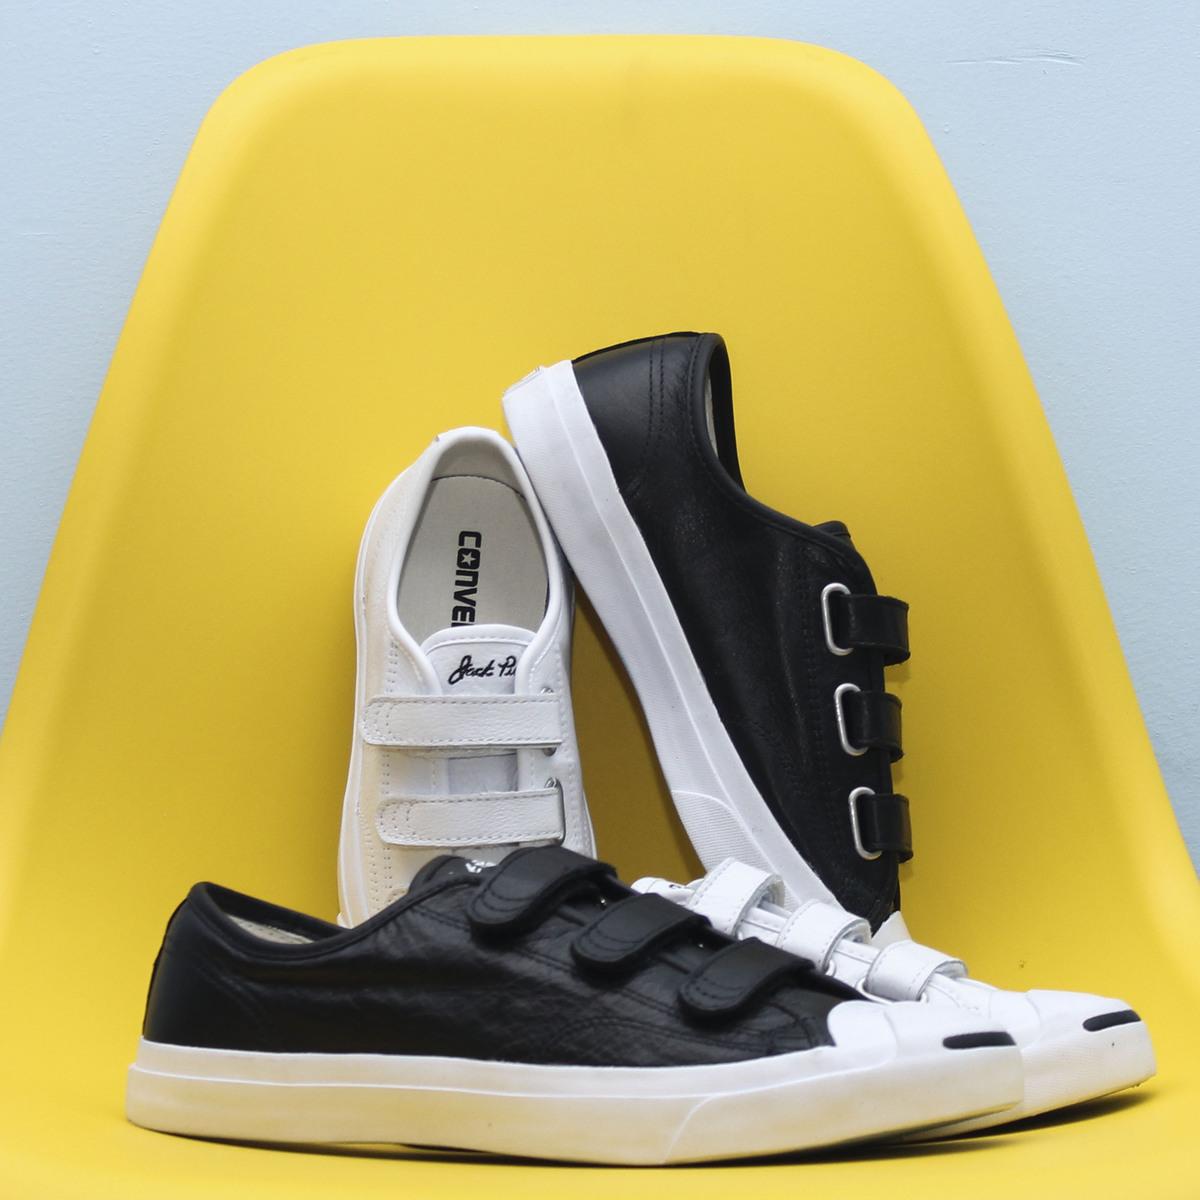 10月20日最新优惠Converse匡威3V魔术贴开口笑黑白色牛皮低帮帆布鞋160207 16020